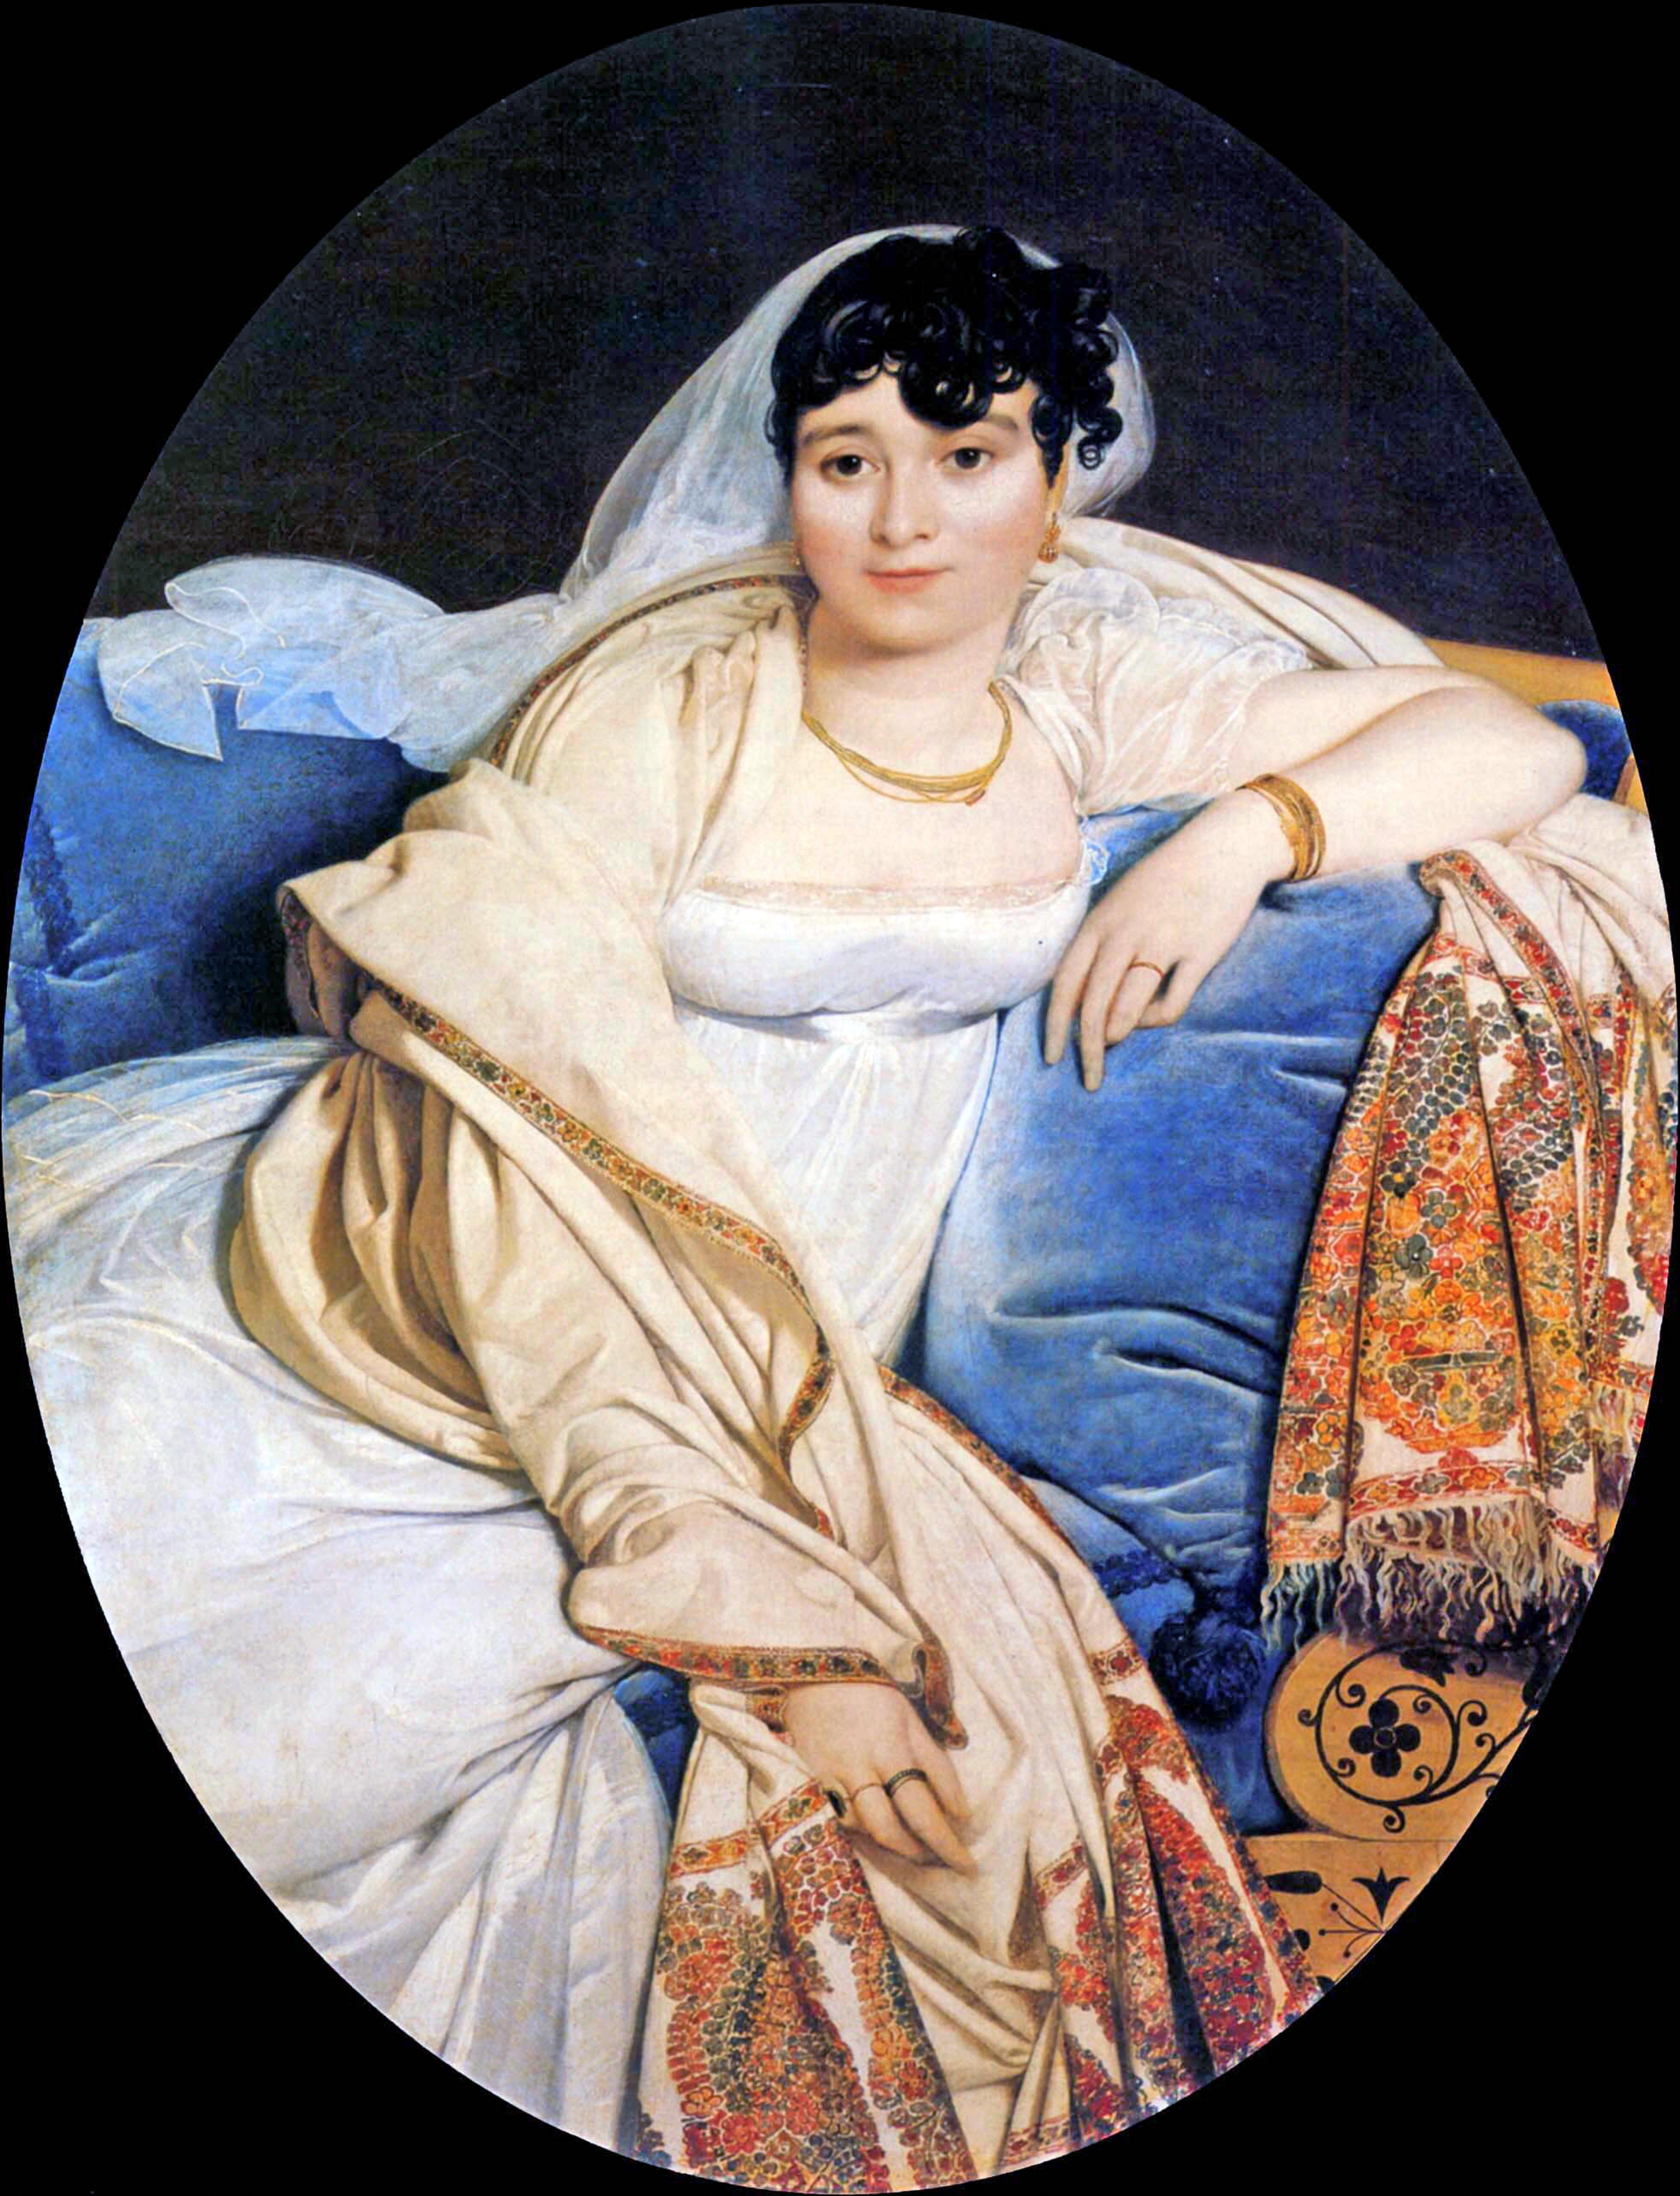 File:Ingres, Madame Riviere.jpg